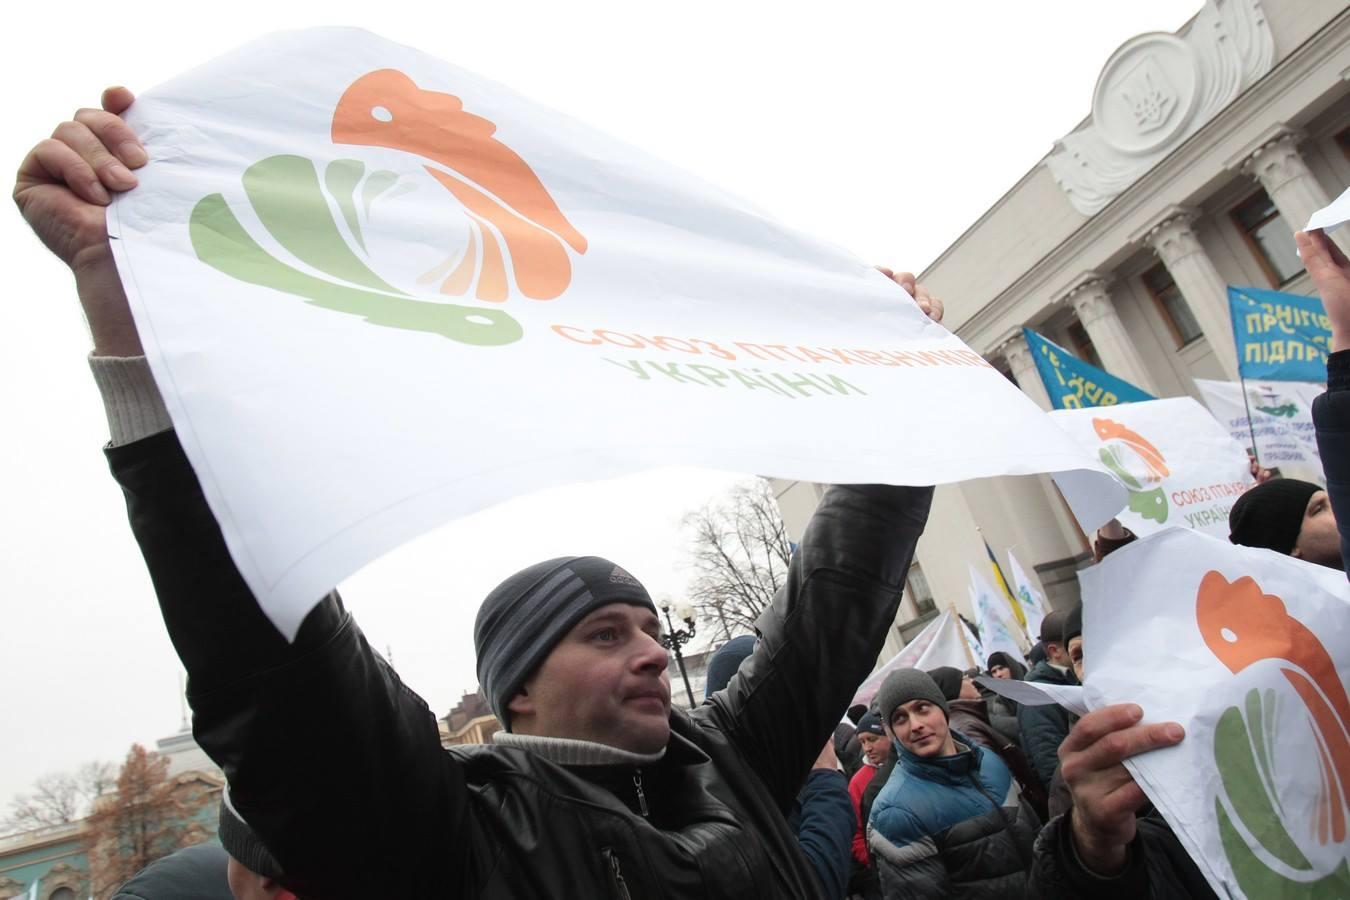 Кілька тисяч аграріїв мітингують під Радою  - фото 10